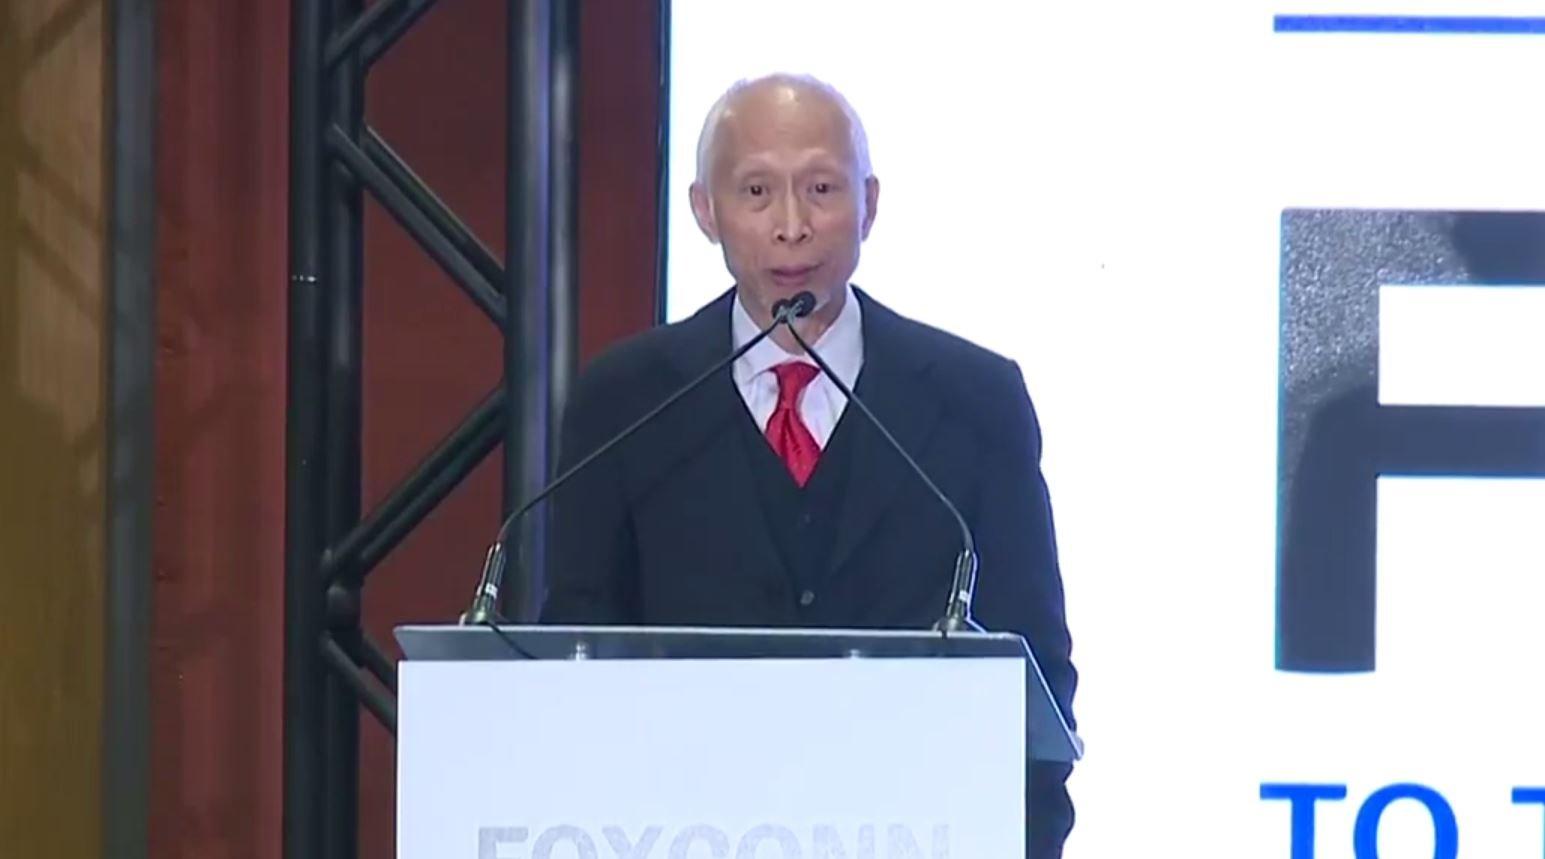 Dr. Louis Woo, Foxconn